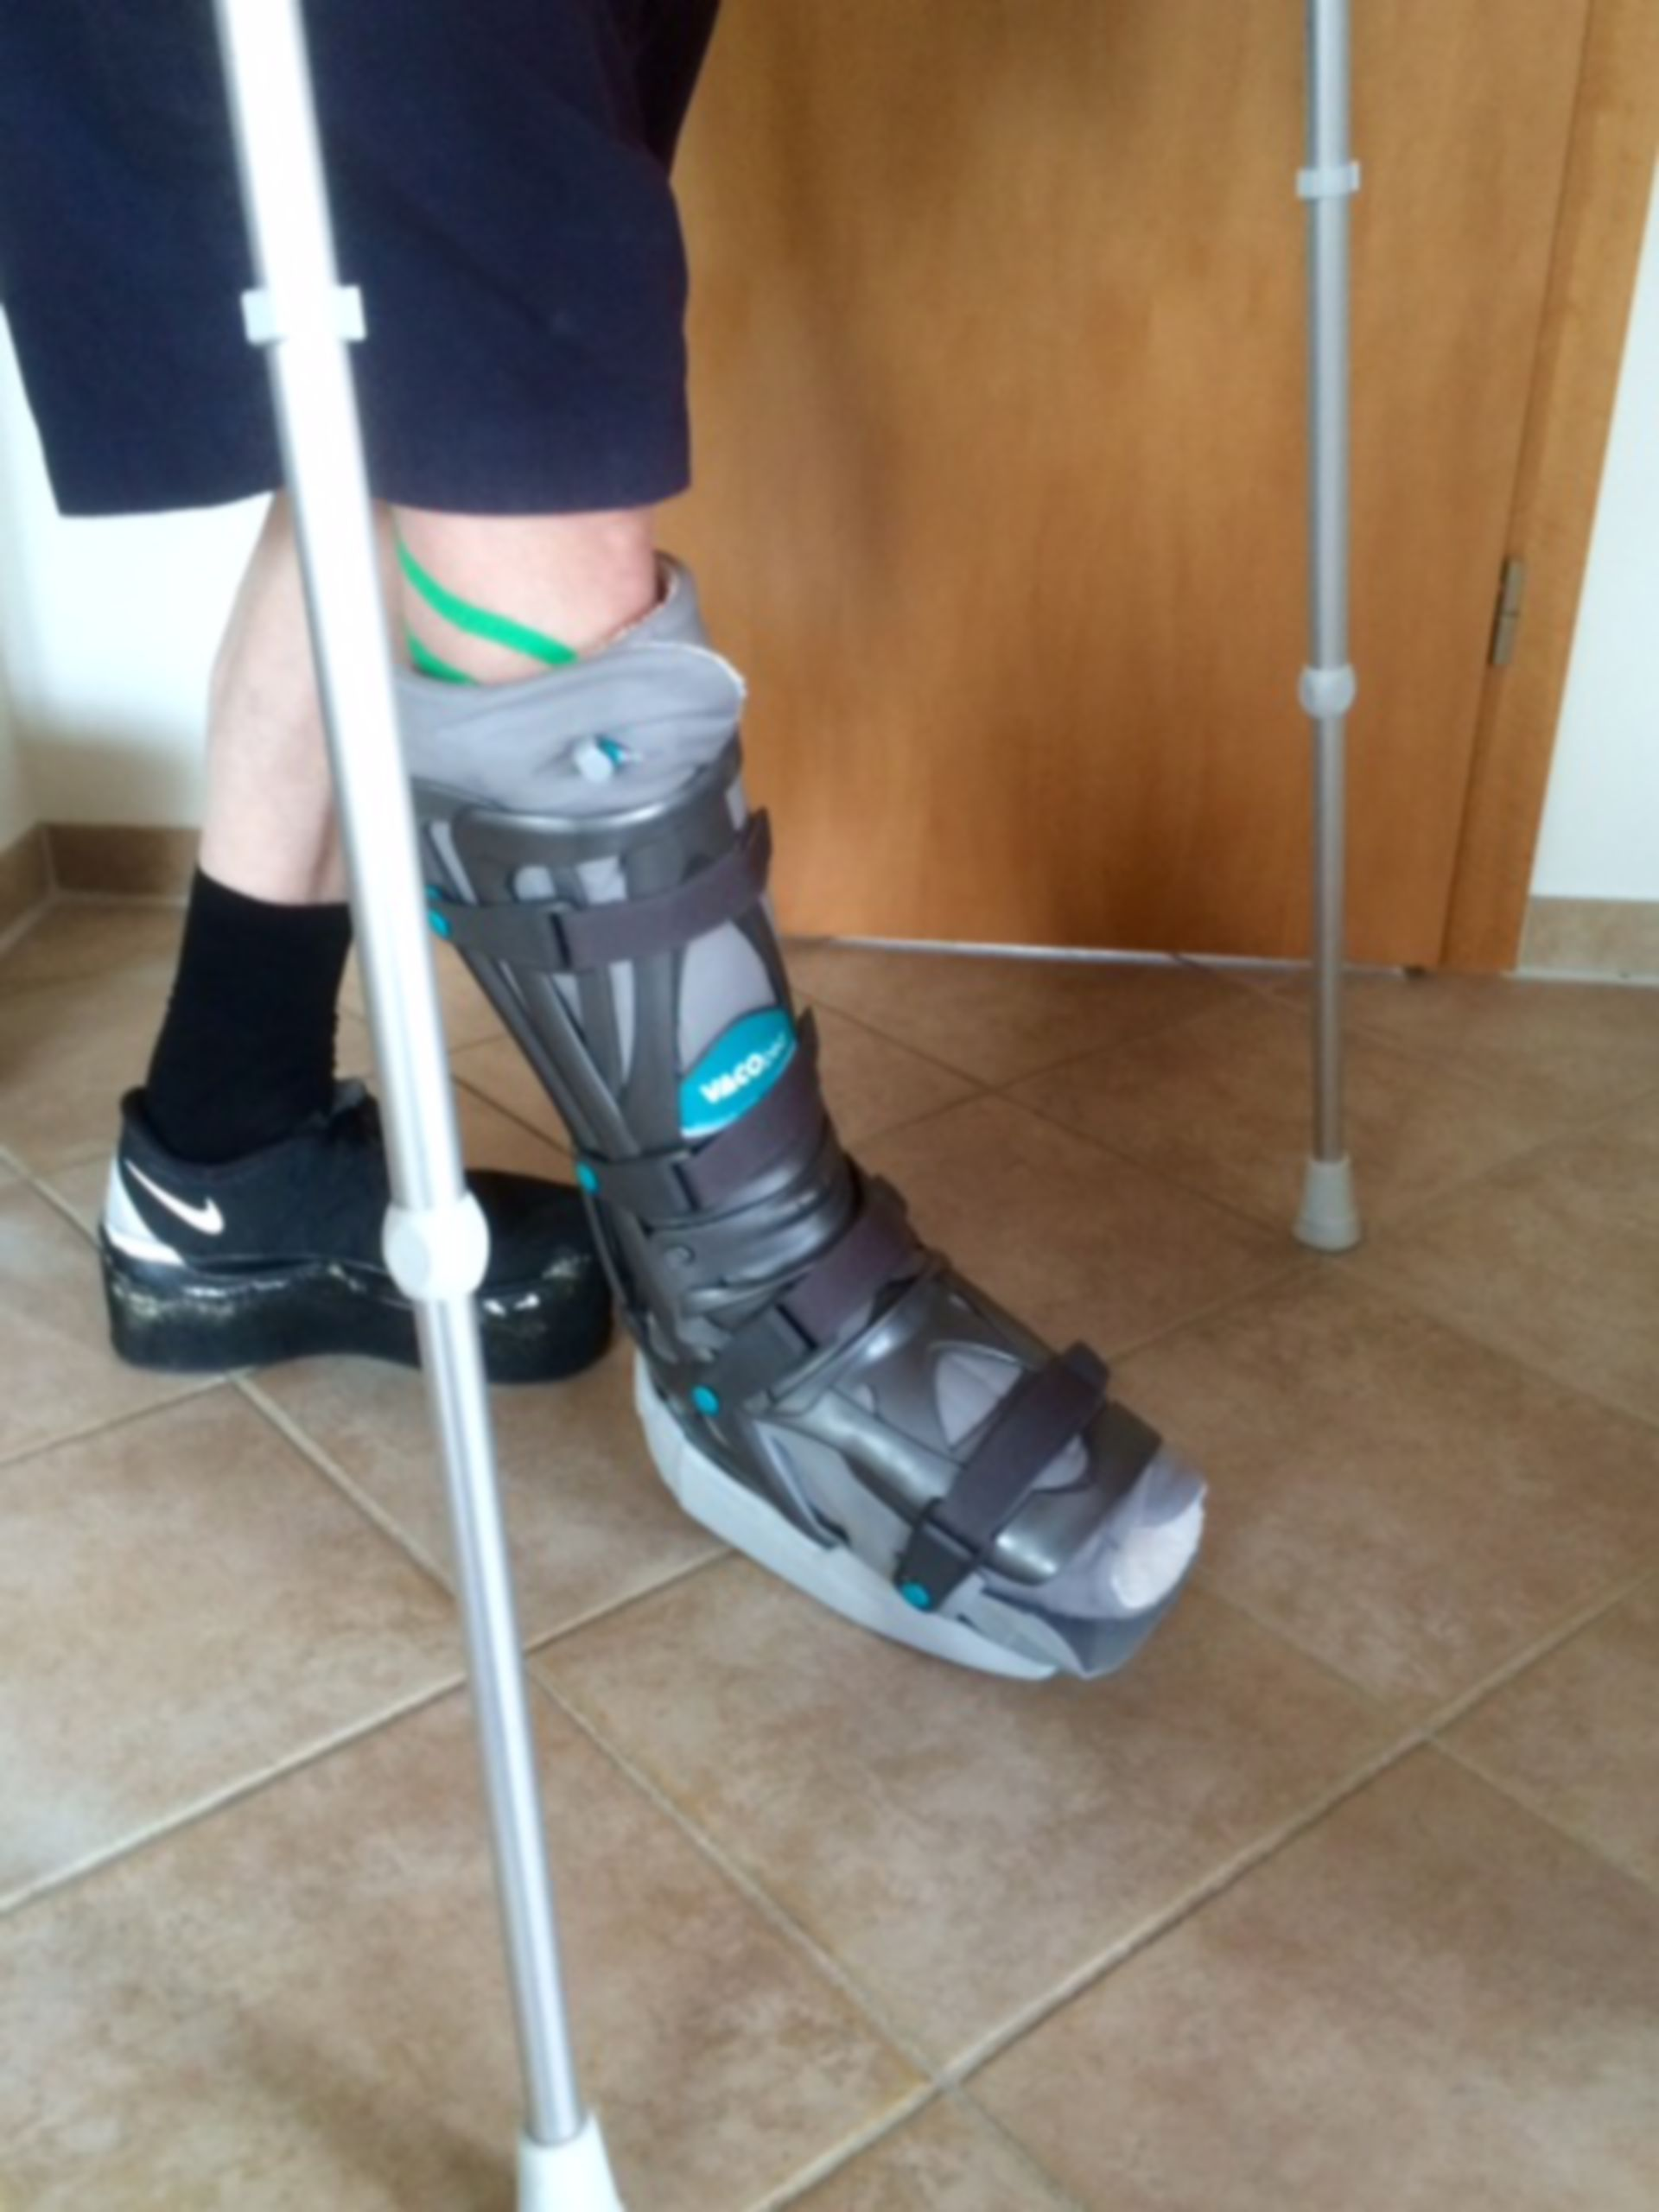 Shank-foot orthosis